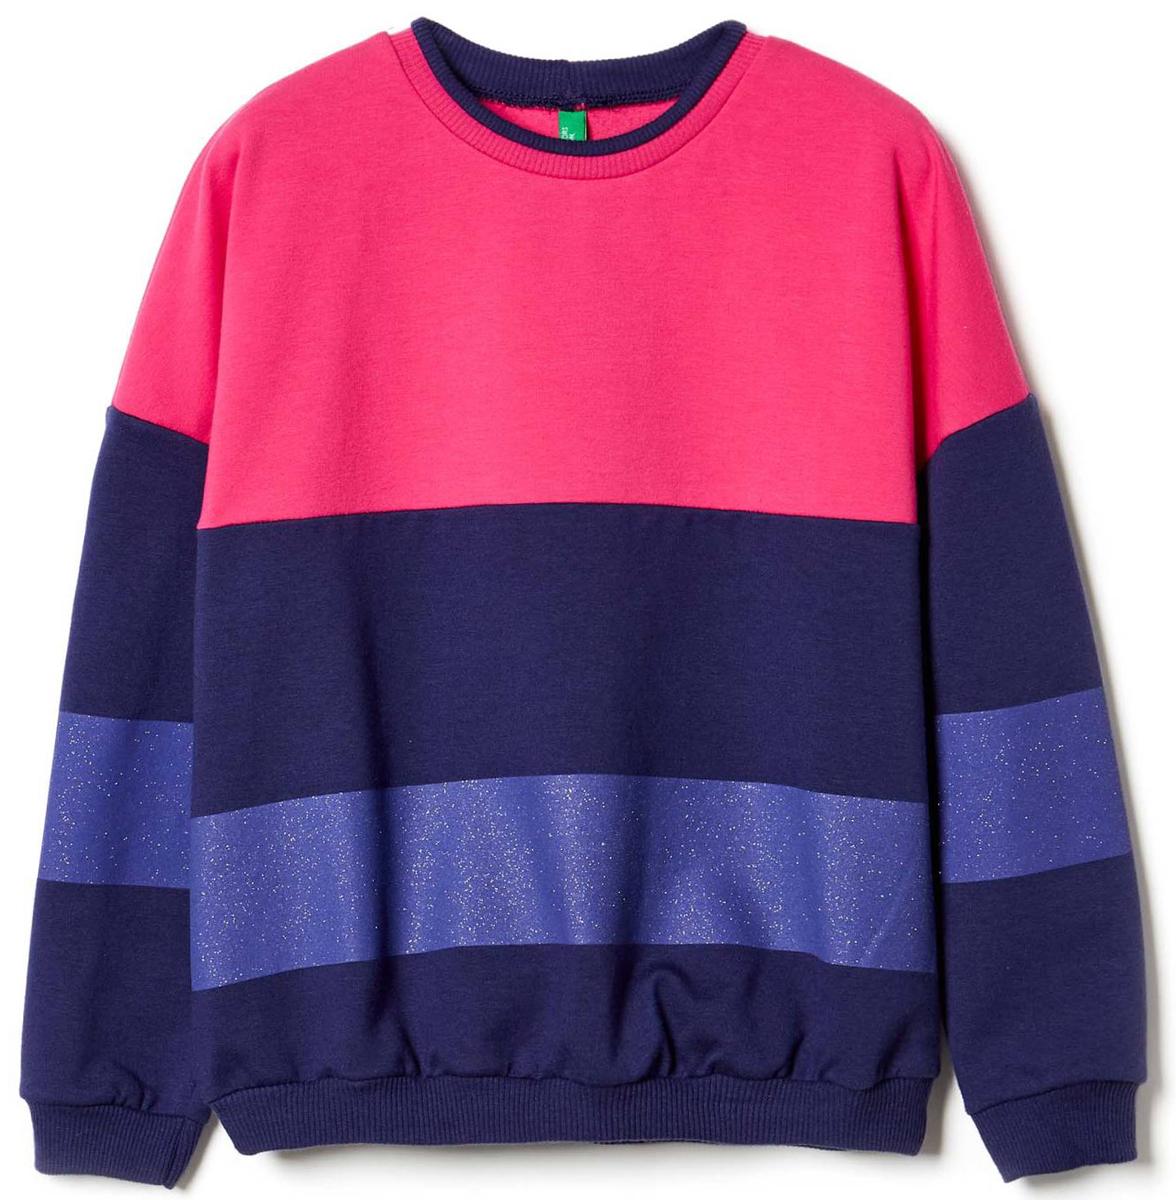 Джемпер для девочки United Colors of Benetton, цвет: розовый. 3I1KC13AL_2J2. Размер 1403I1KC13AL_2J2Джемпер для девочки United Colors of Benetton выполнен из эластичного хлопка. Модель с круглым вырезом горловины и длинными рукавами.